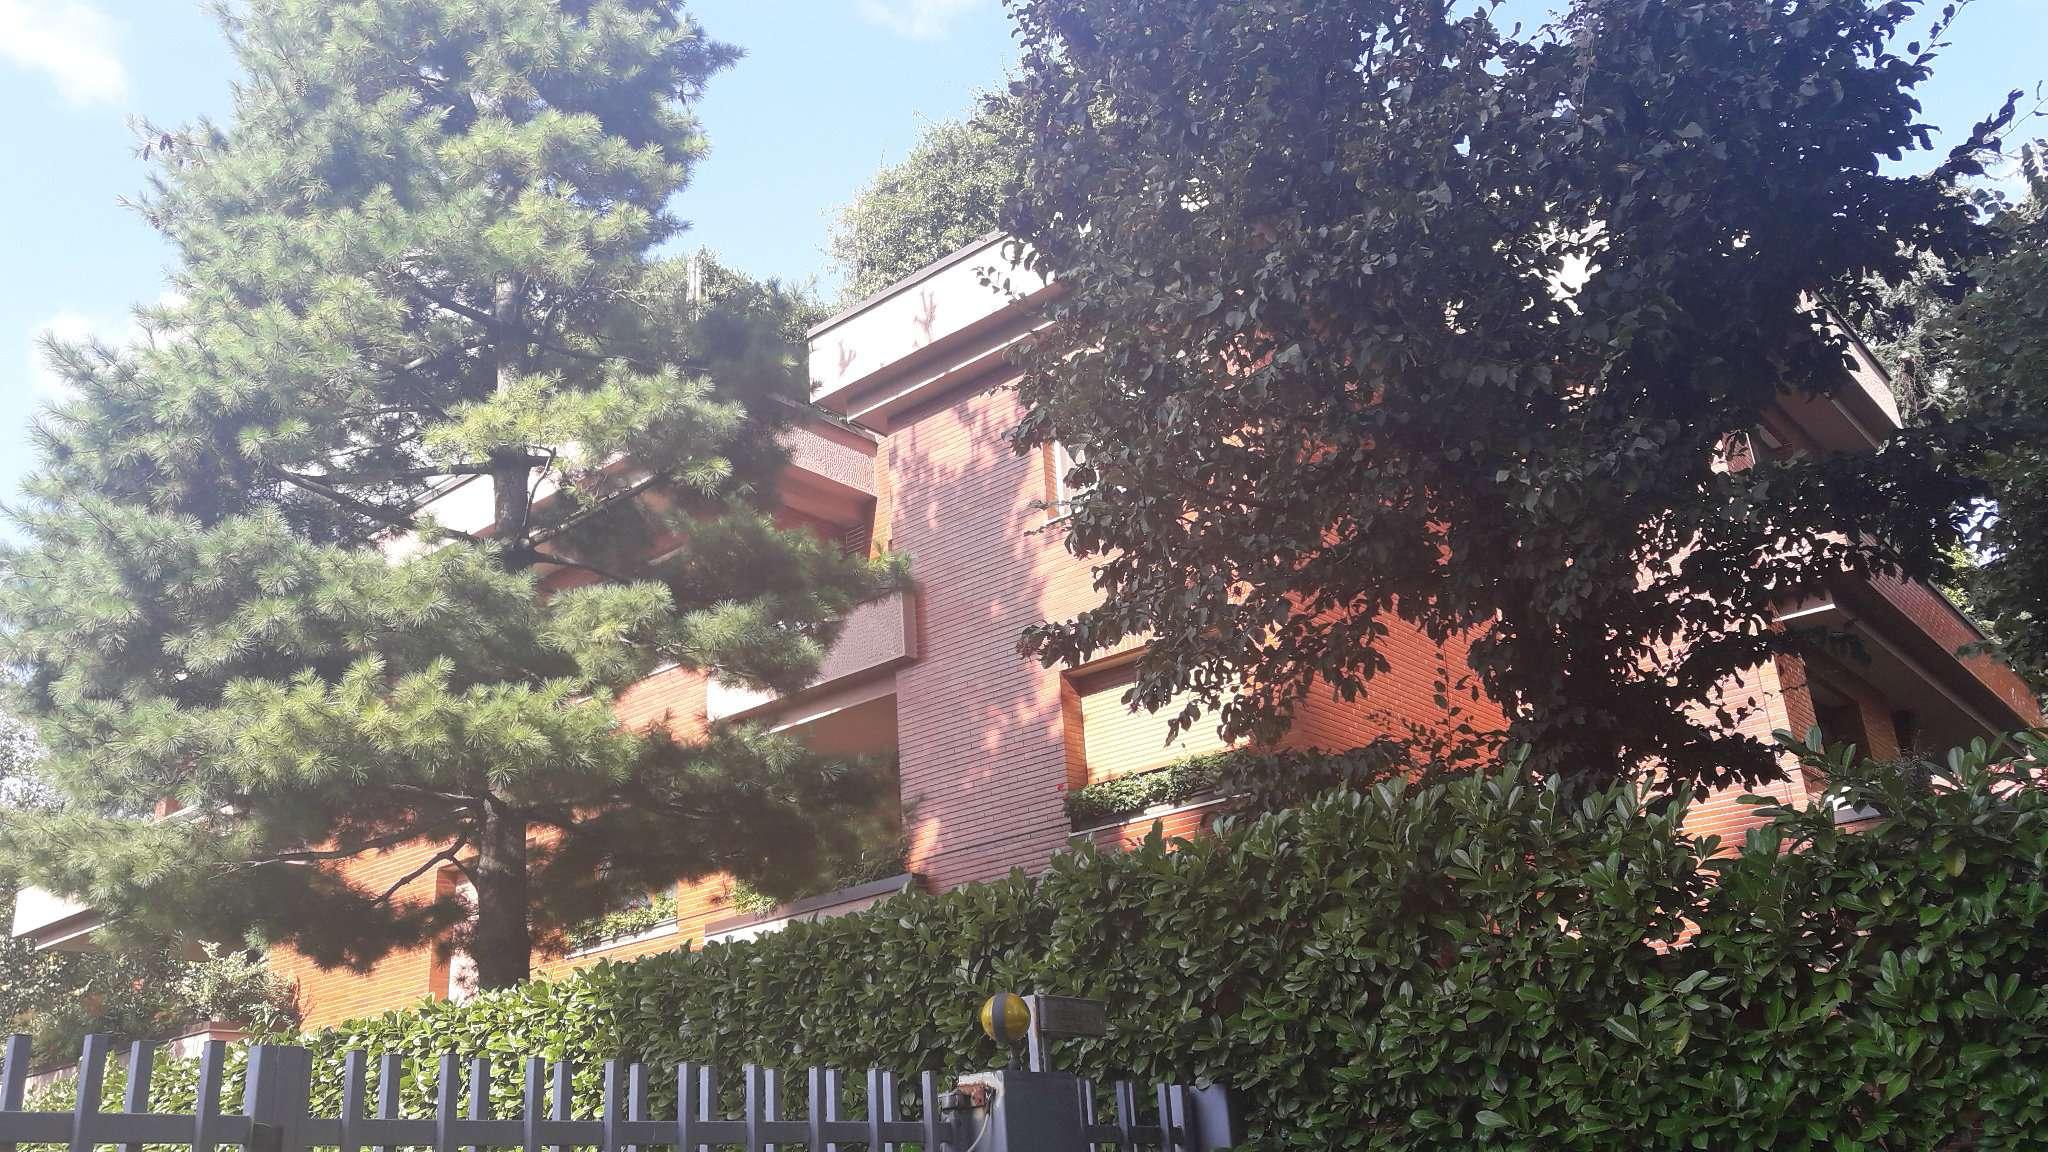 Attico / Mansarda in vendita a Milano, 9999 locali, zona Zona: 14 . Lotto, Novara, San Siro, QT8 , Montestella, Rembrandt, prezzo € 800.000 | CambioCasa.it